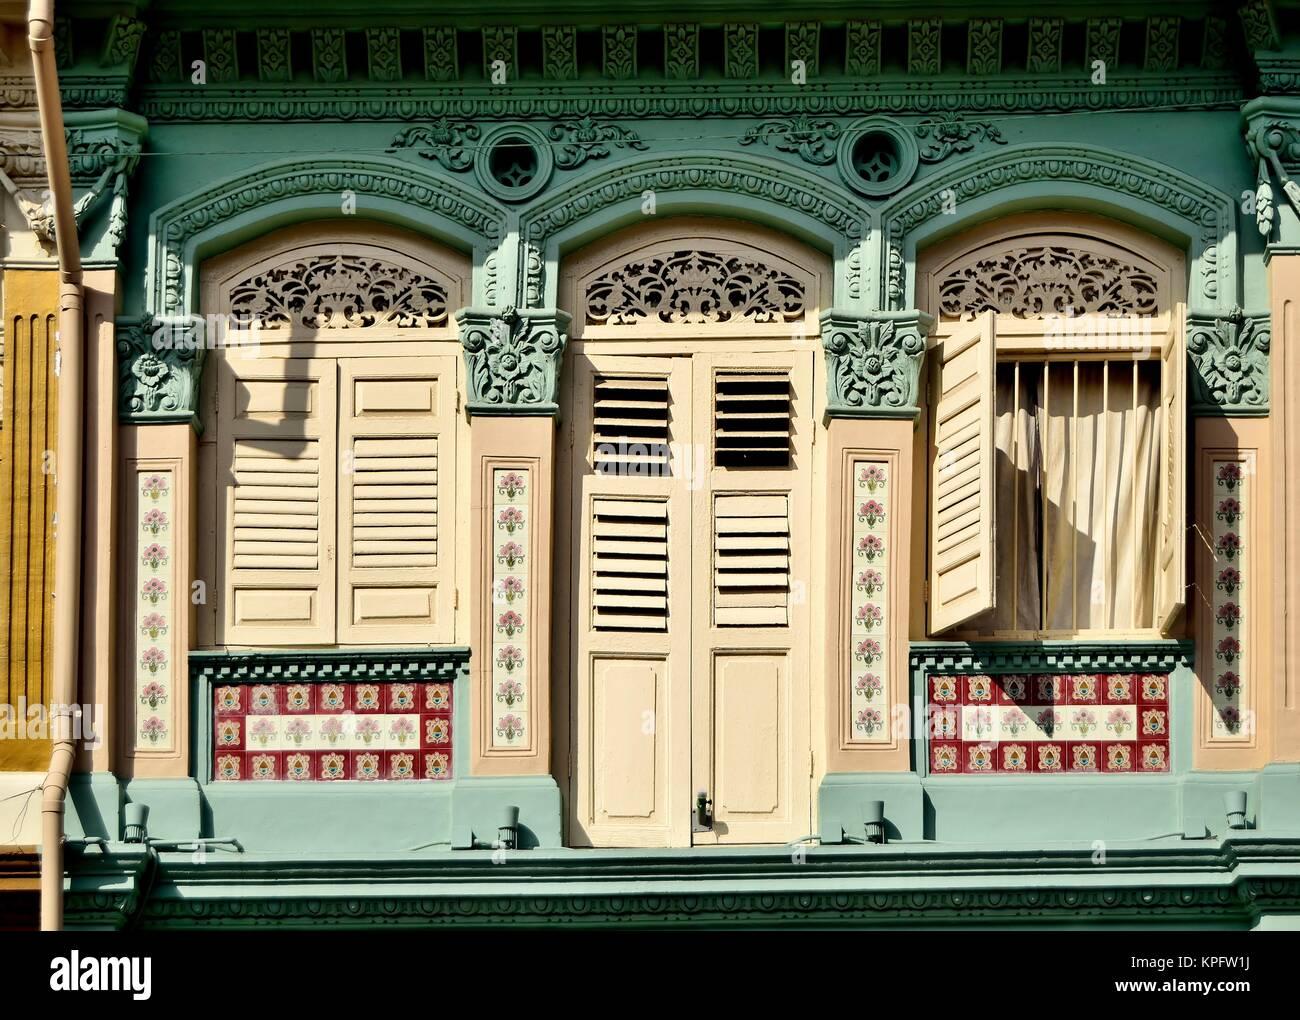 Klassische Chinesische Singapur Shop Haus Mit Bogenfenster, Creme  Fensterläden Aus Holz Und Kunstvollen Steinmetzarbeiten Im Historischen  Little India